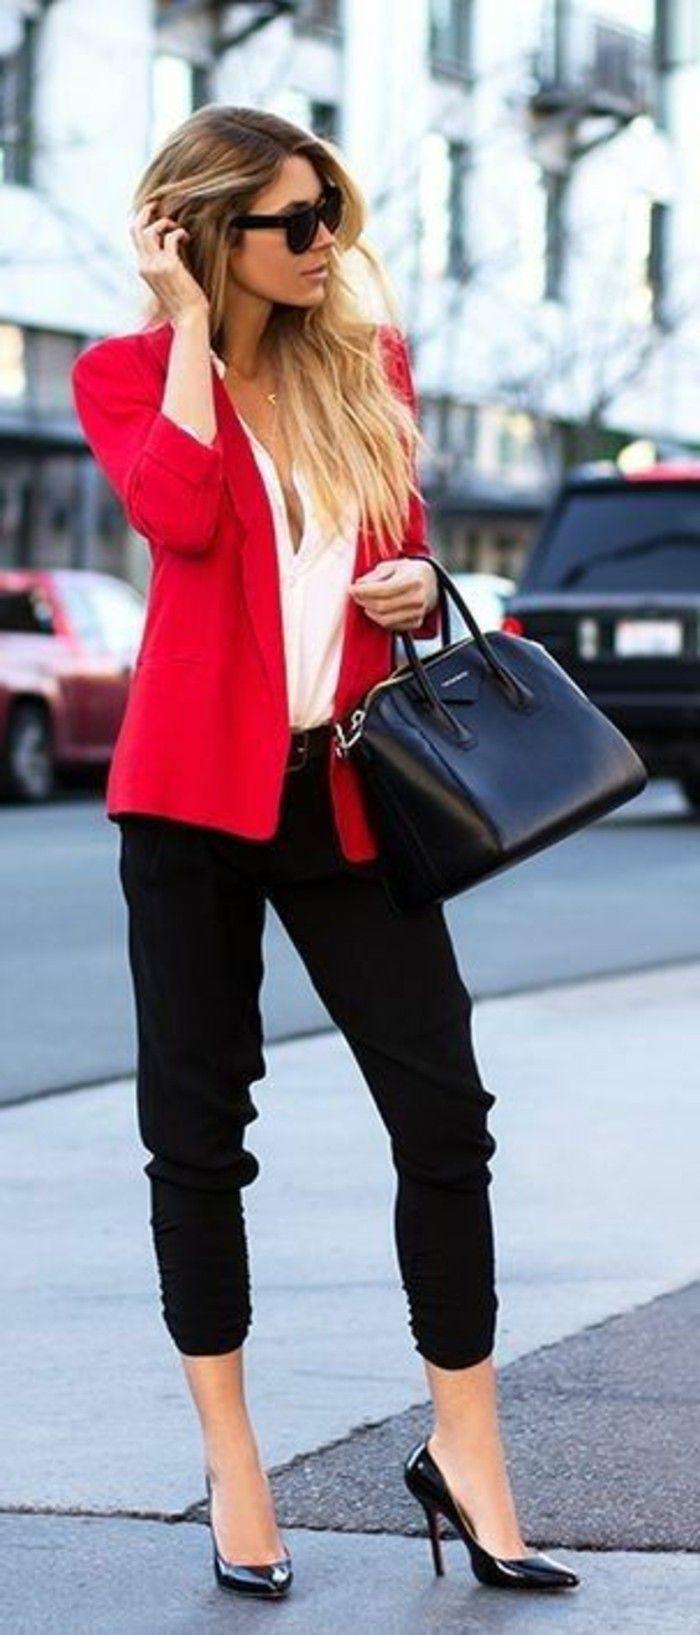 business kleider weises hemd rote jacke schwarze hose hohe schwarze schuhe grose schwarze tasche moderne spnnenbrille